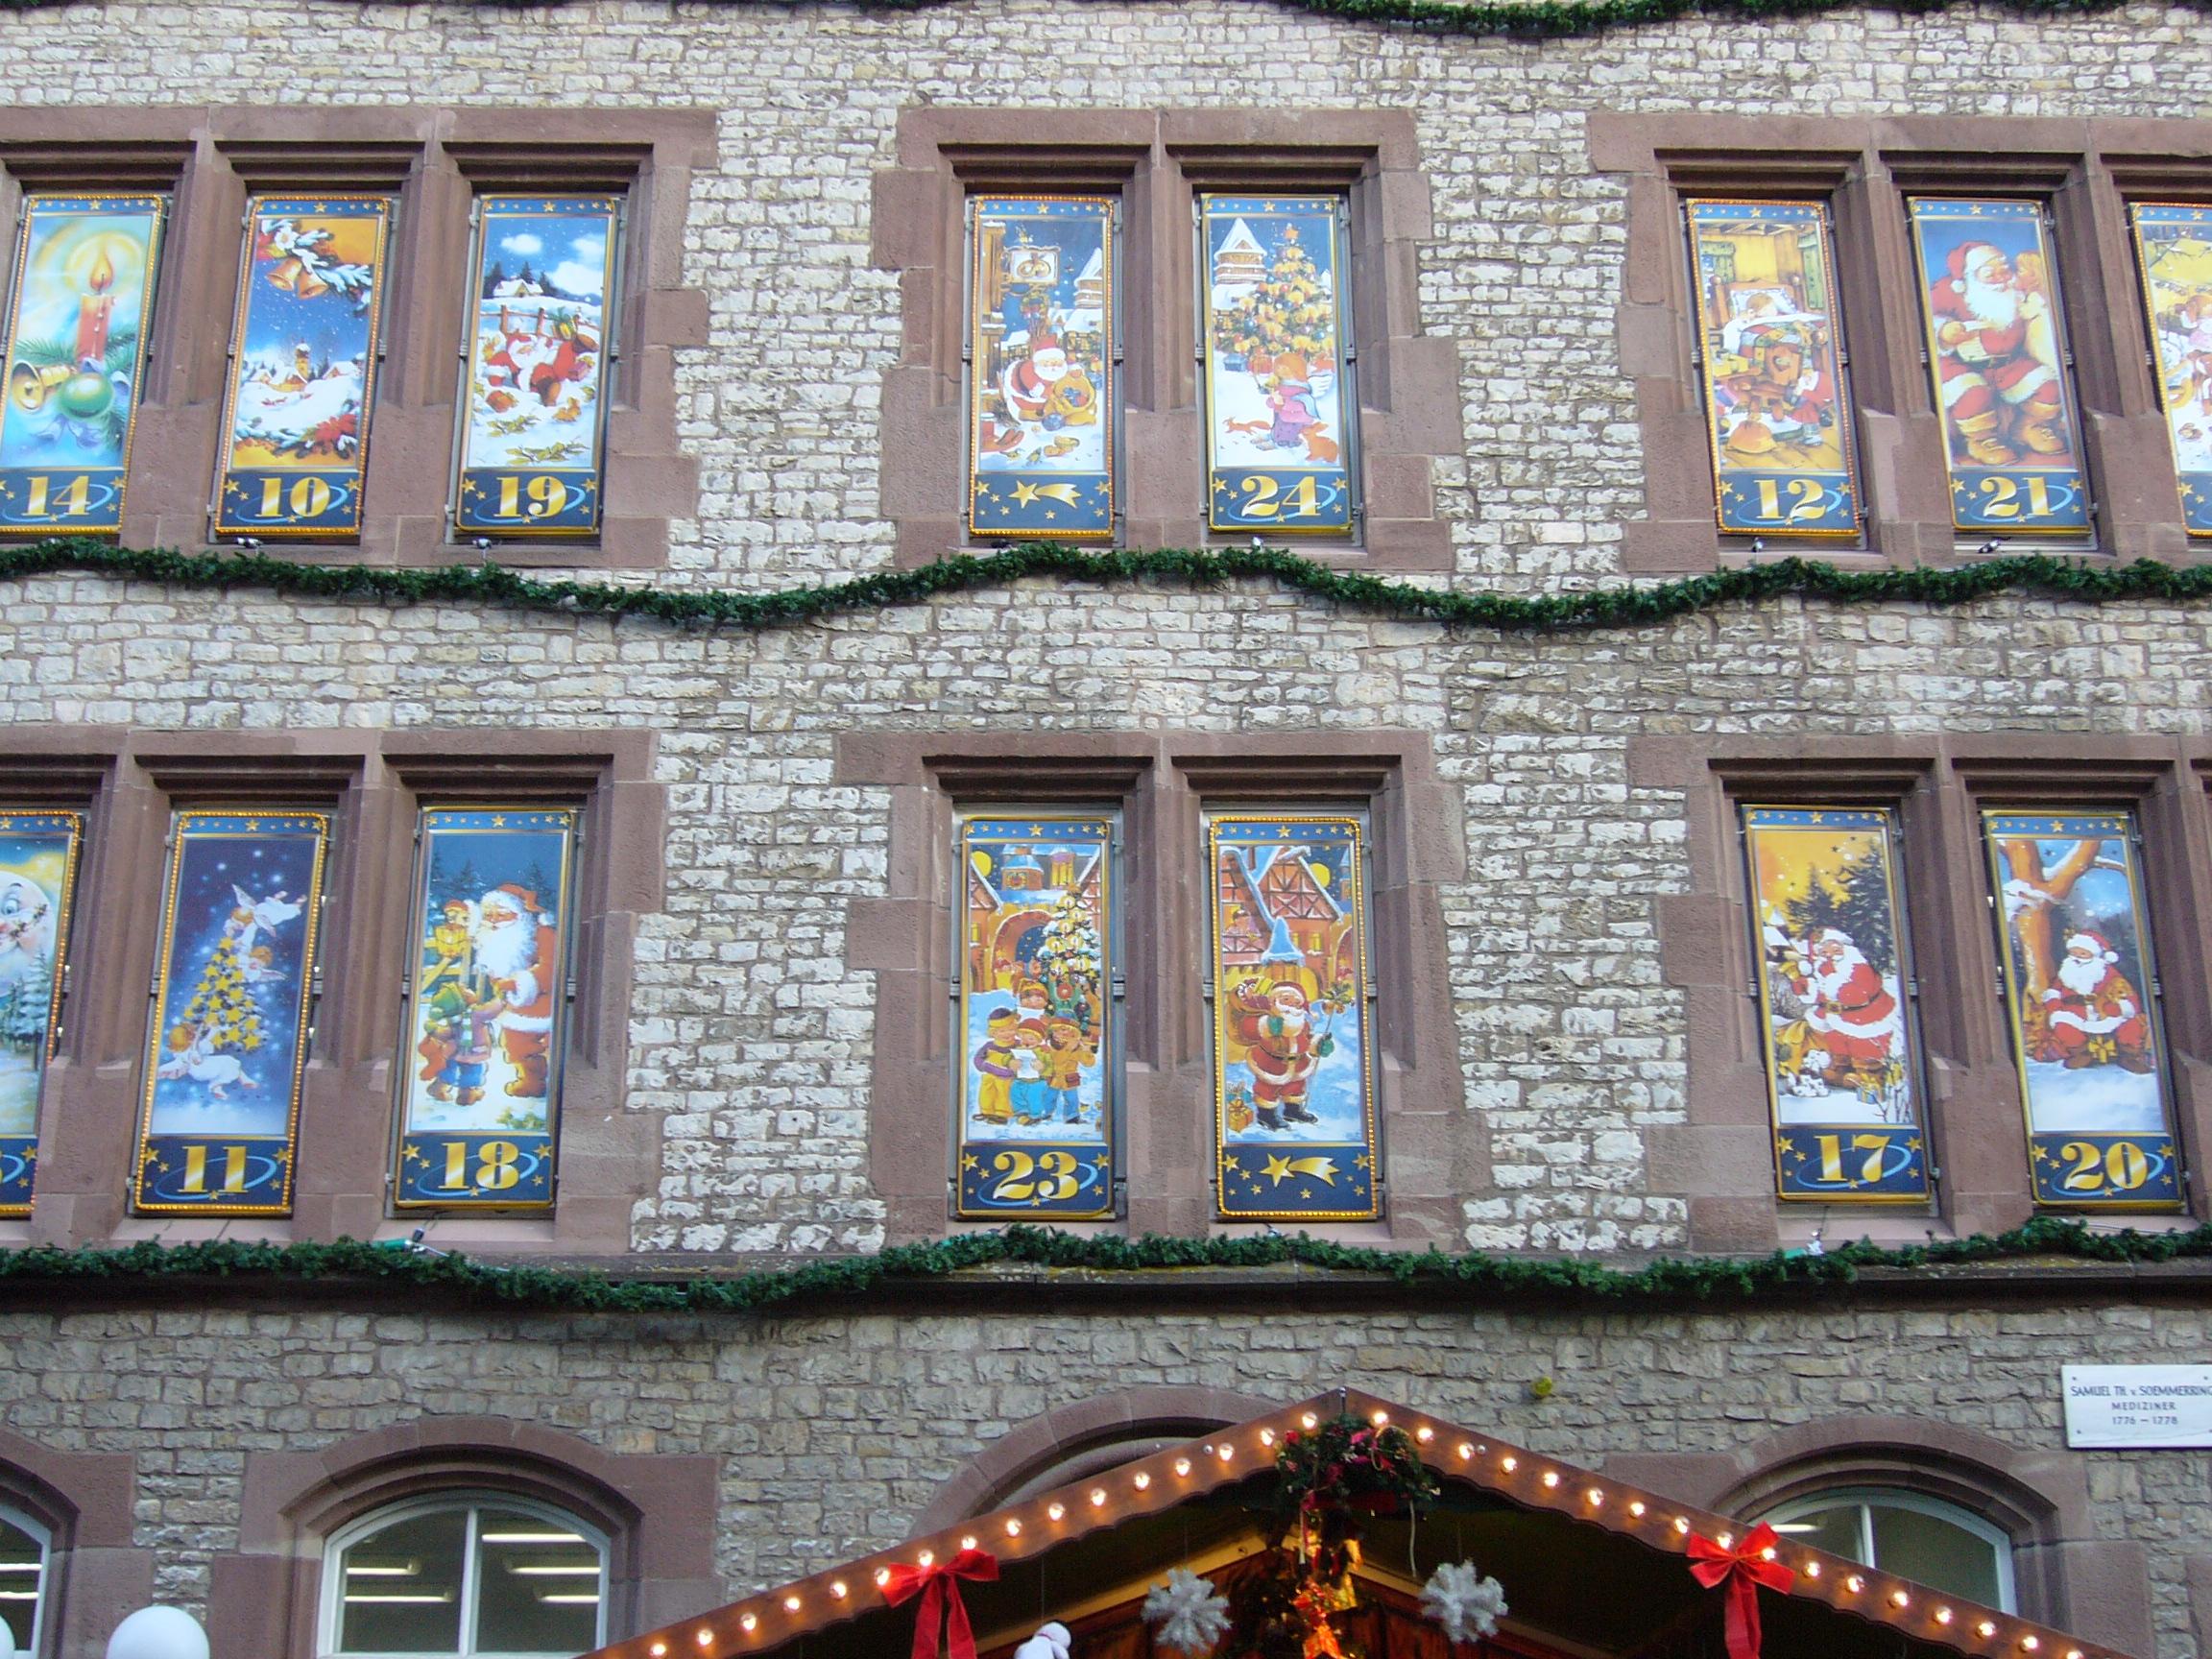 Die Fenster als Adventskalender, dazwischen hängen grüne Bänder!